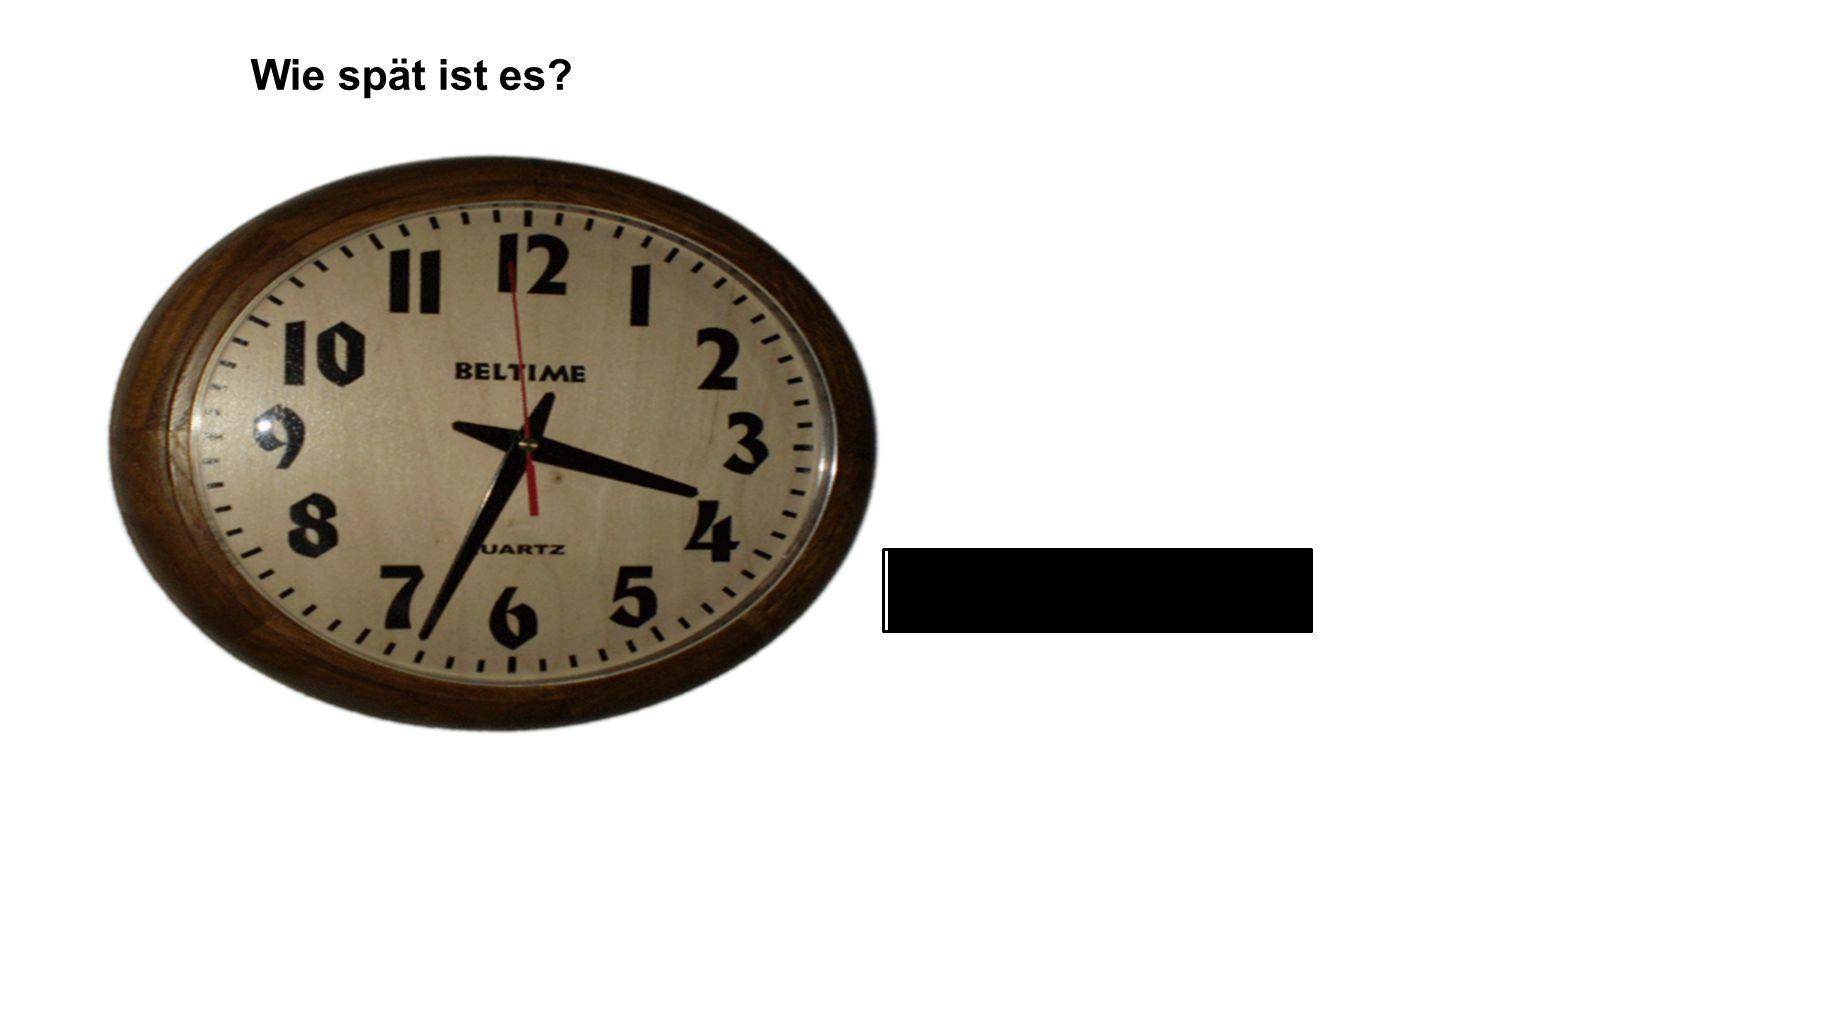 vier nach halb vier Wie spät ist es?